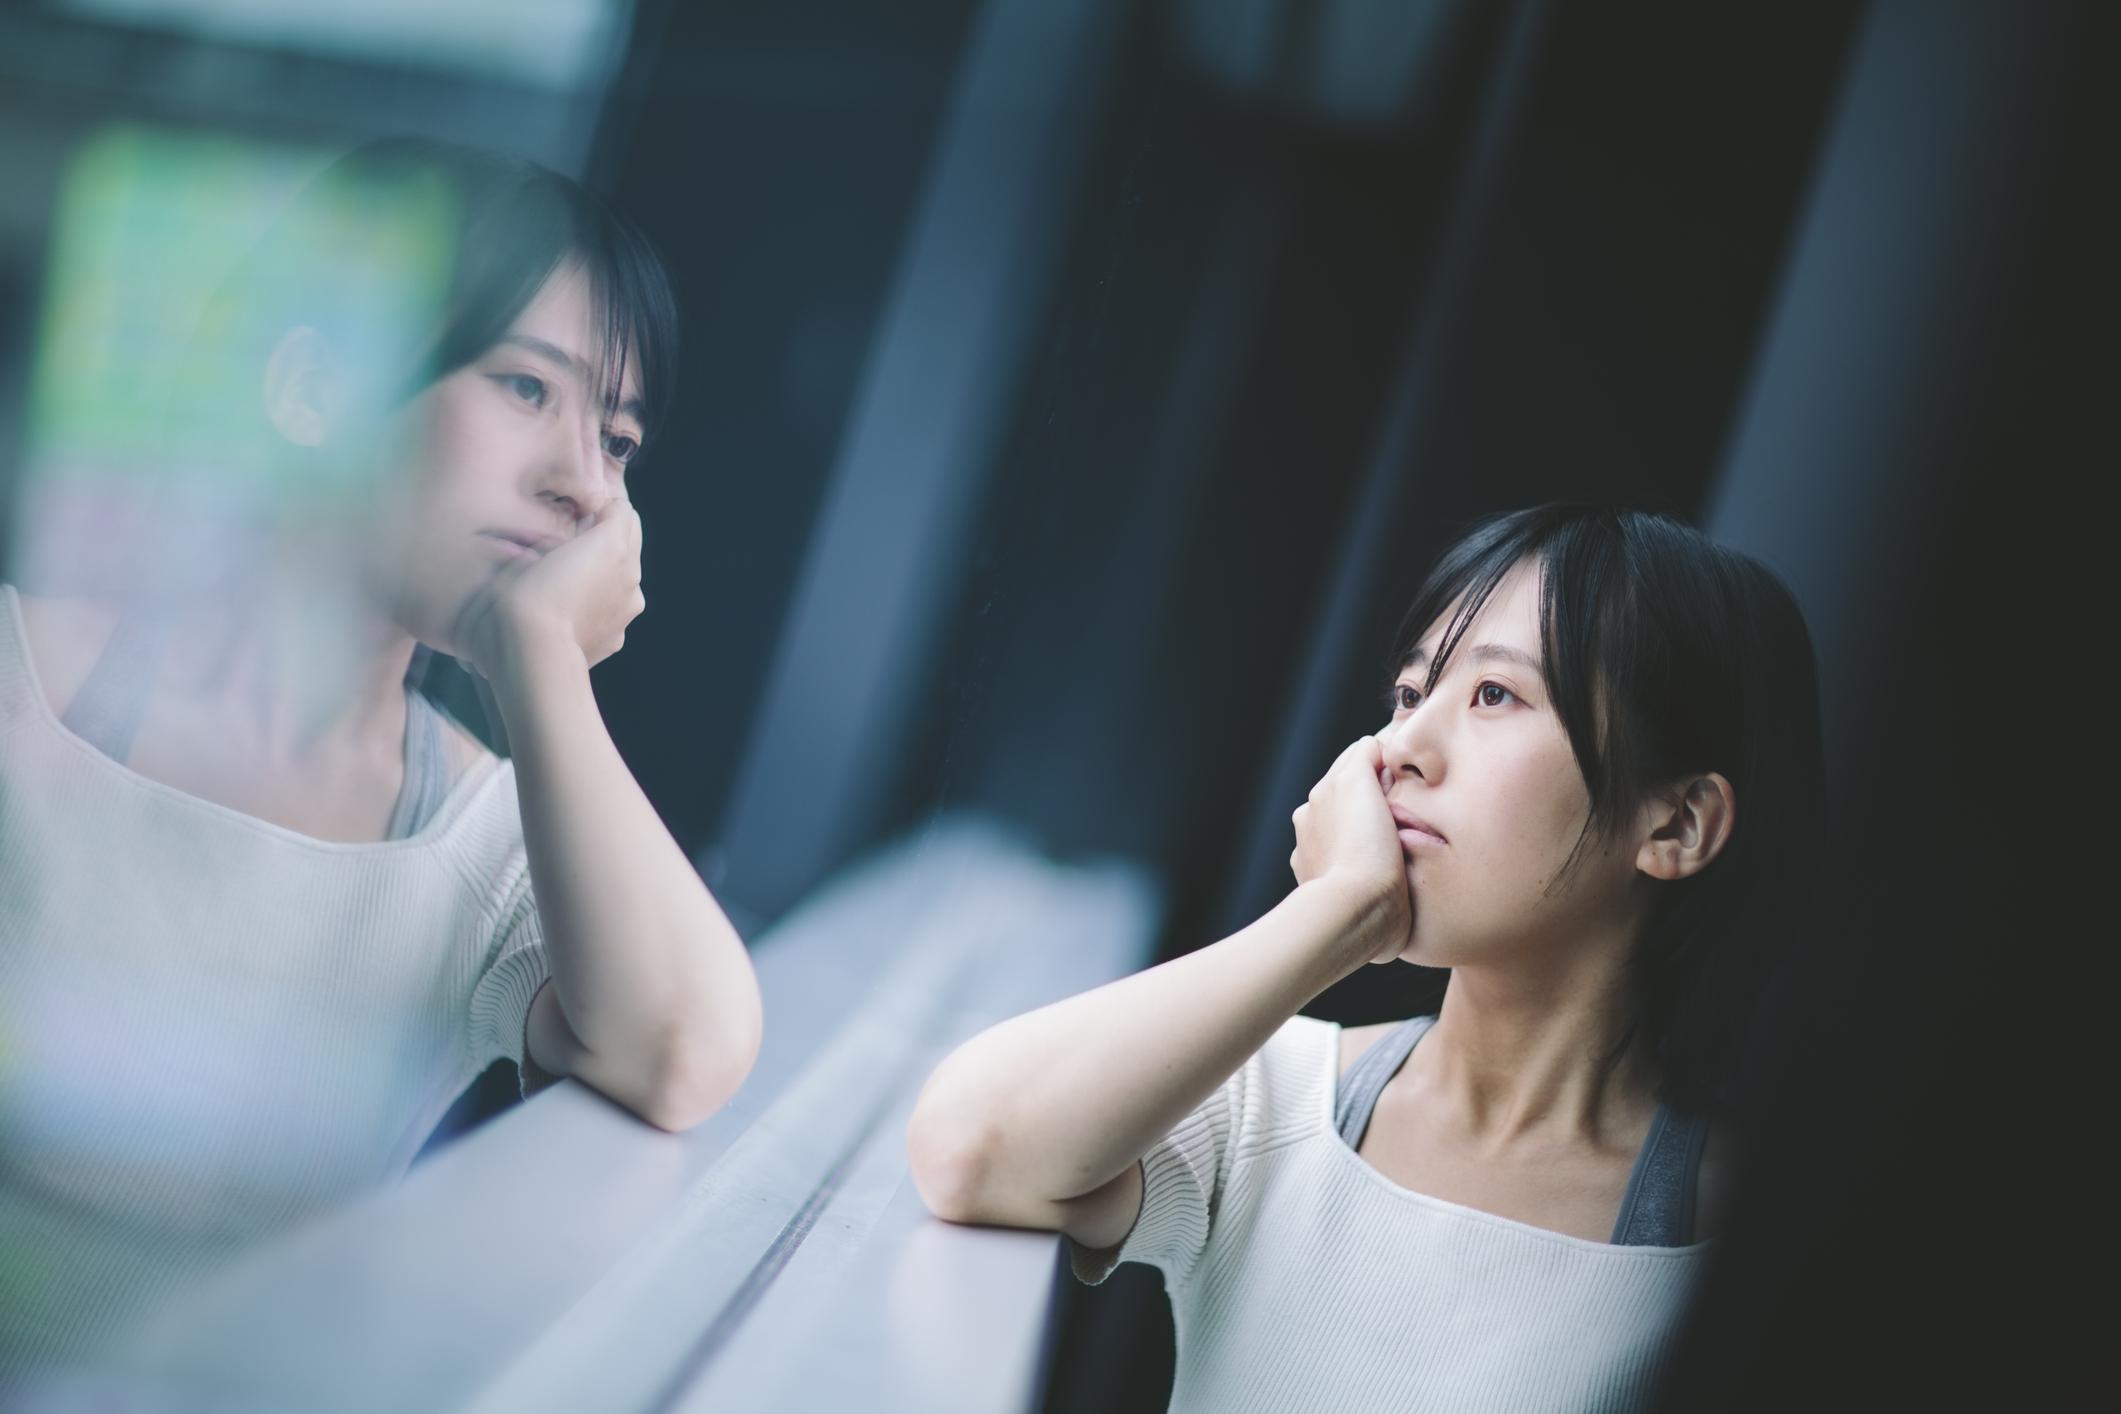 anxious asian woman in window.jpg